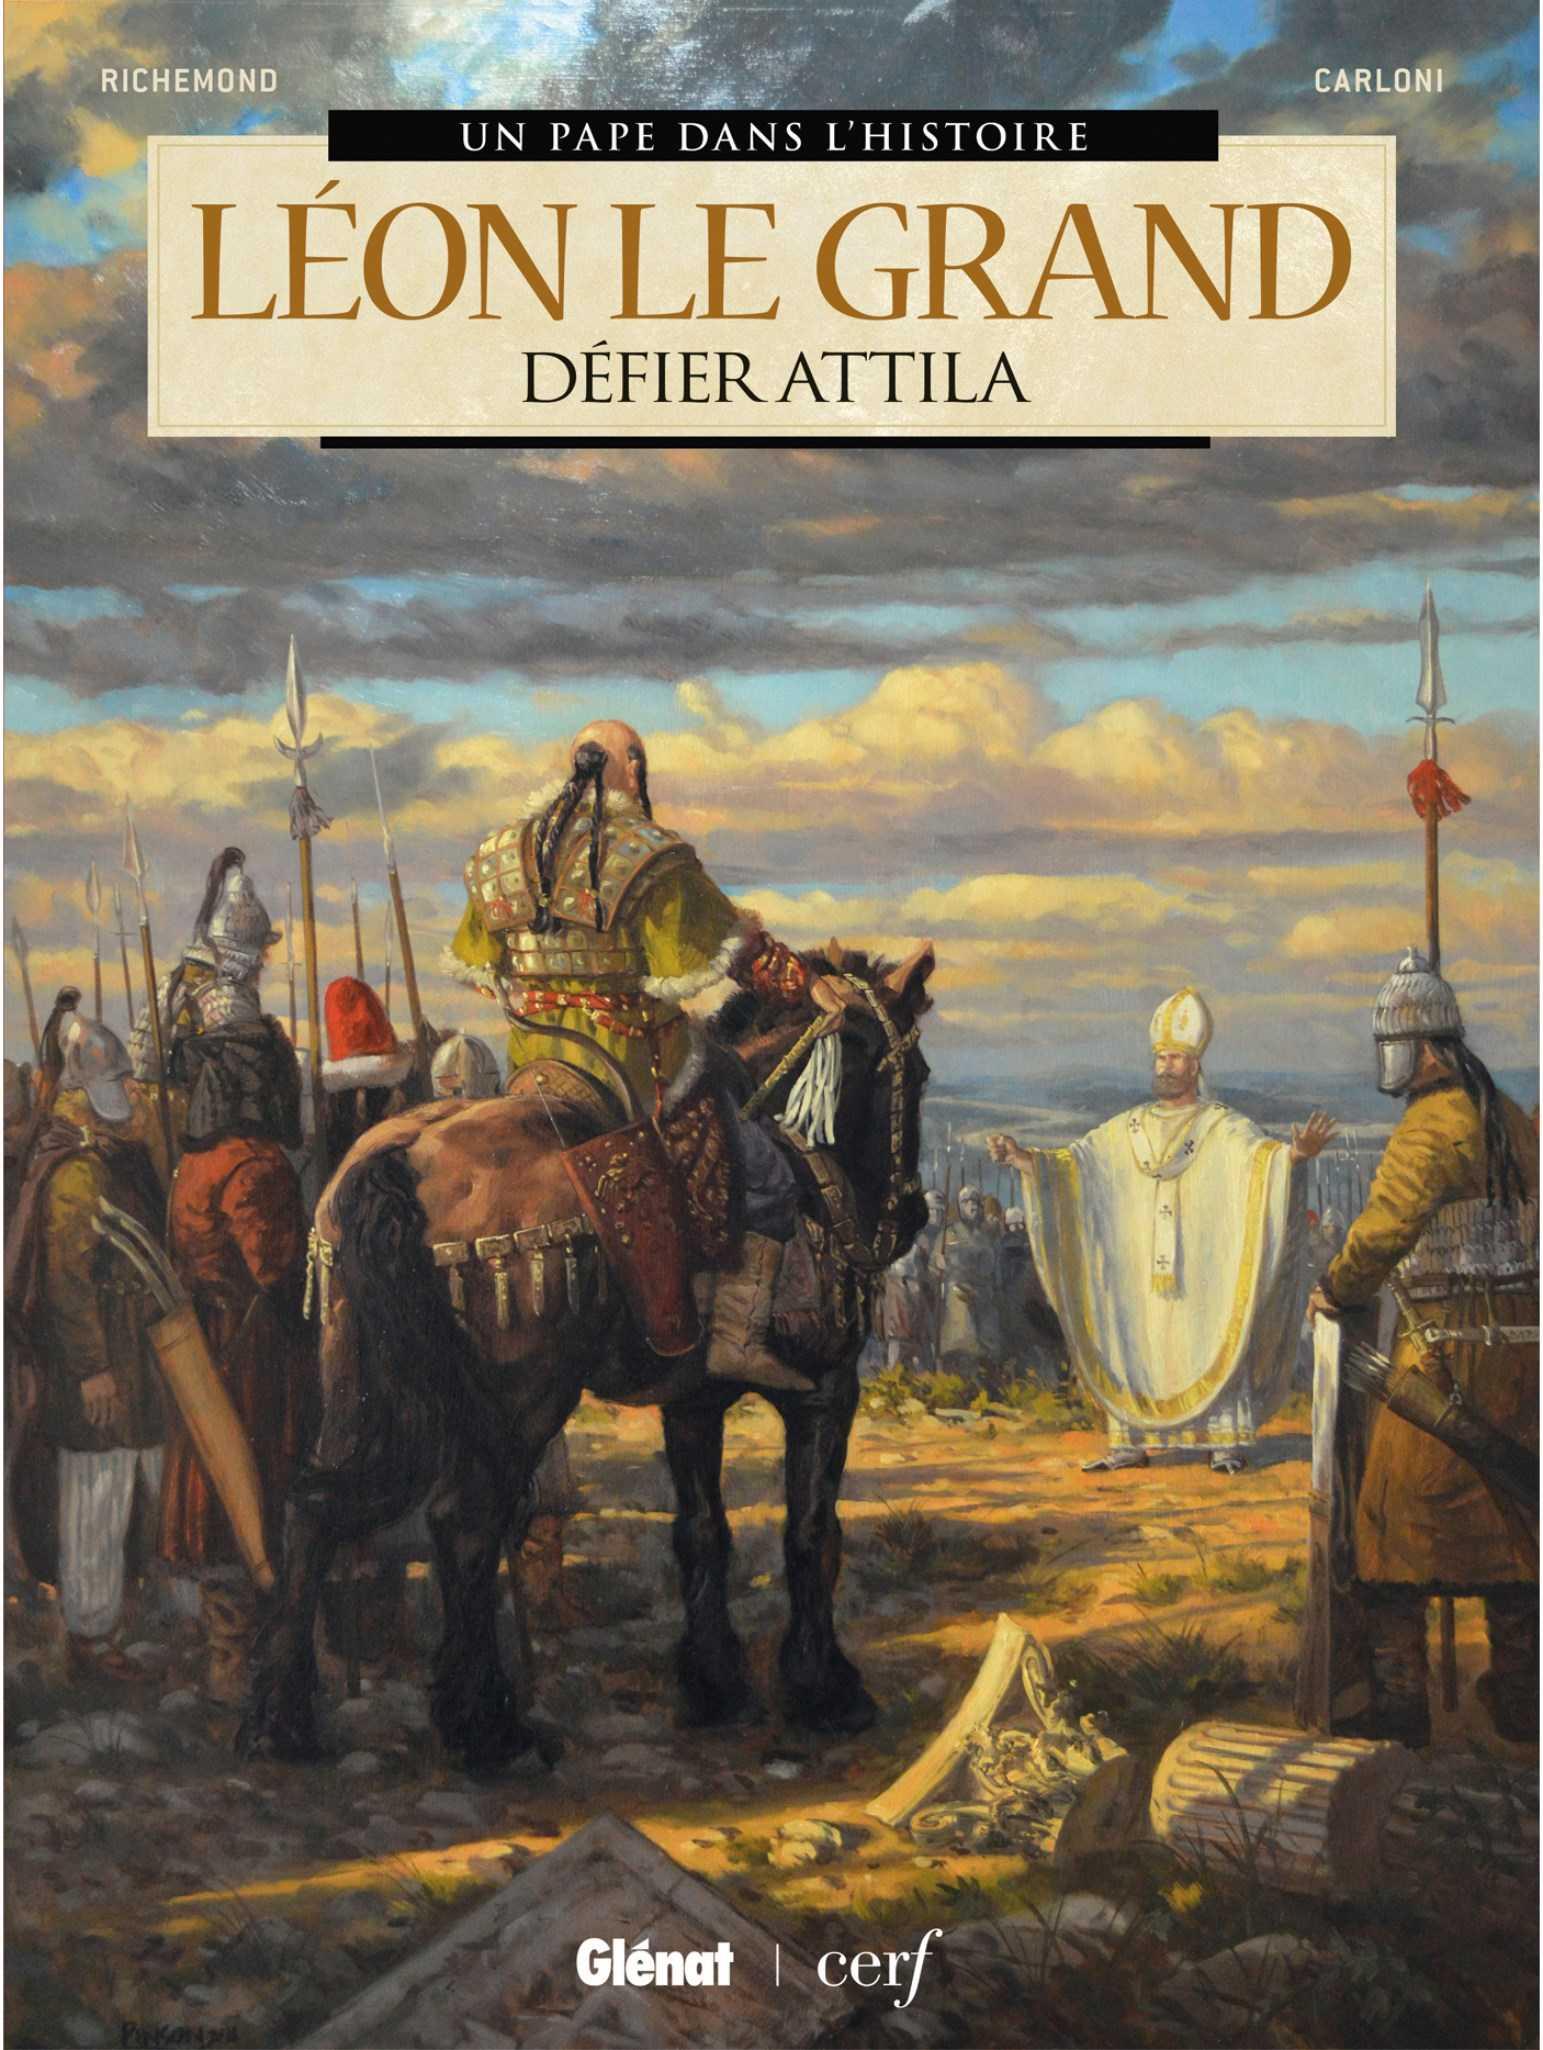 Huns pour deux, Attila et le Pape Léon le Grand en vedette